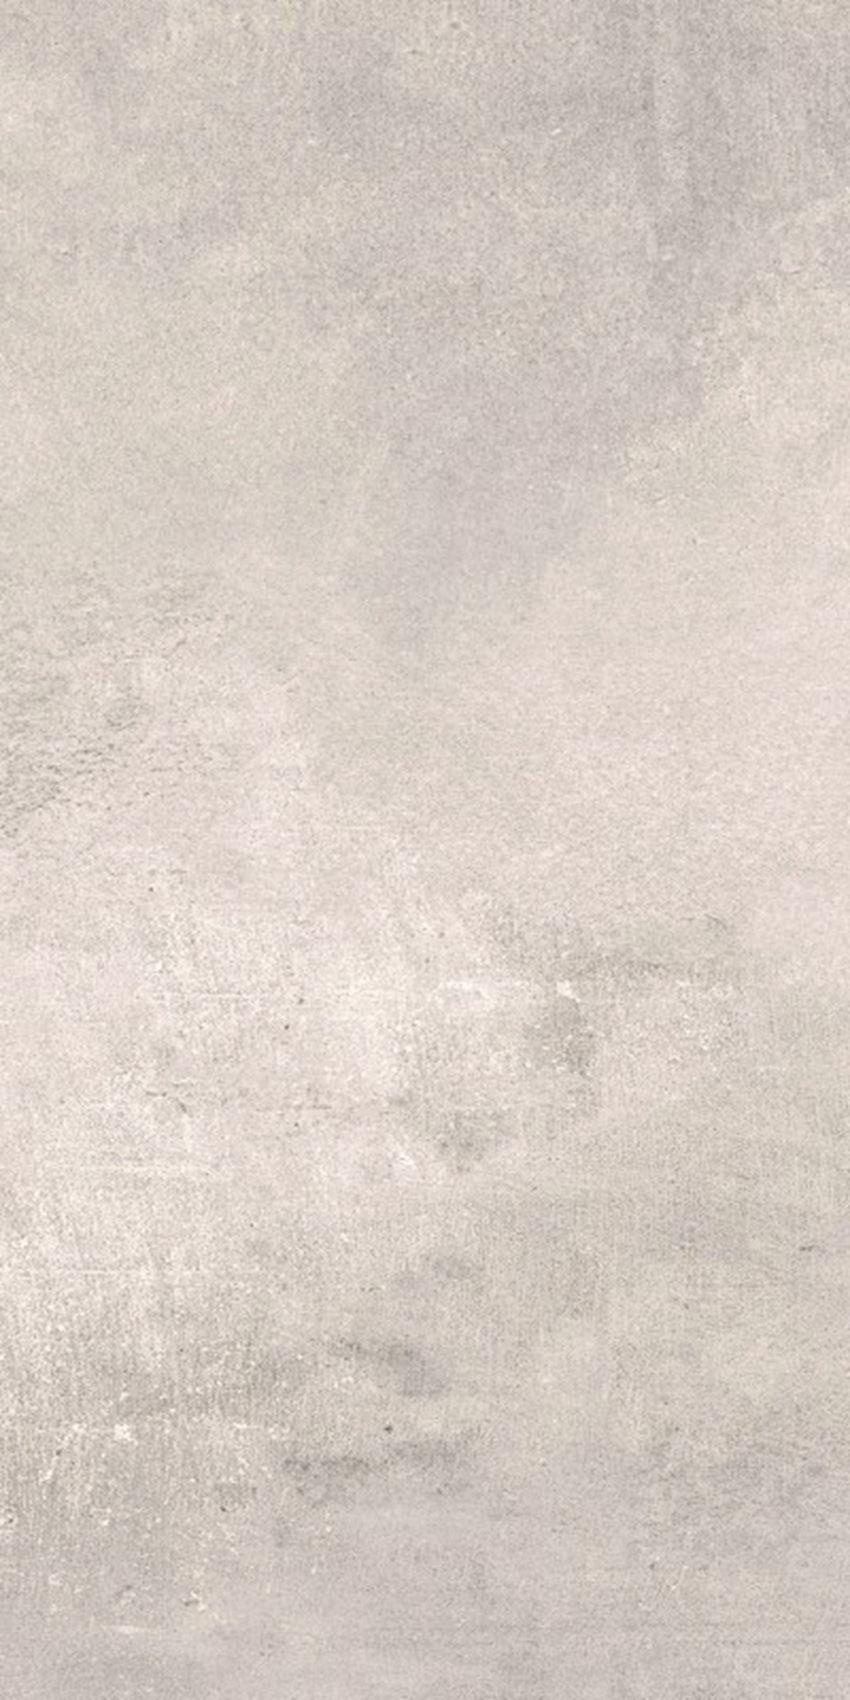 Płytka ścienno-podłogowa lappato 29,7x59,7 cm Nowa Gala Avenida